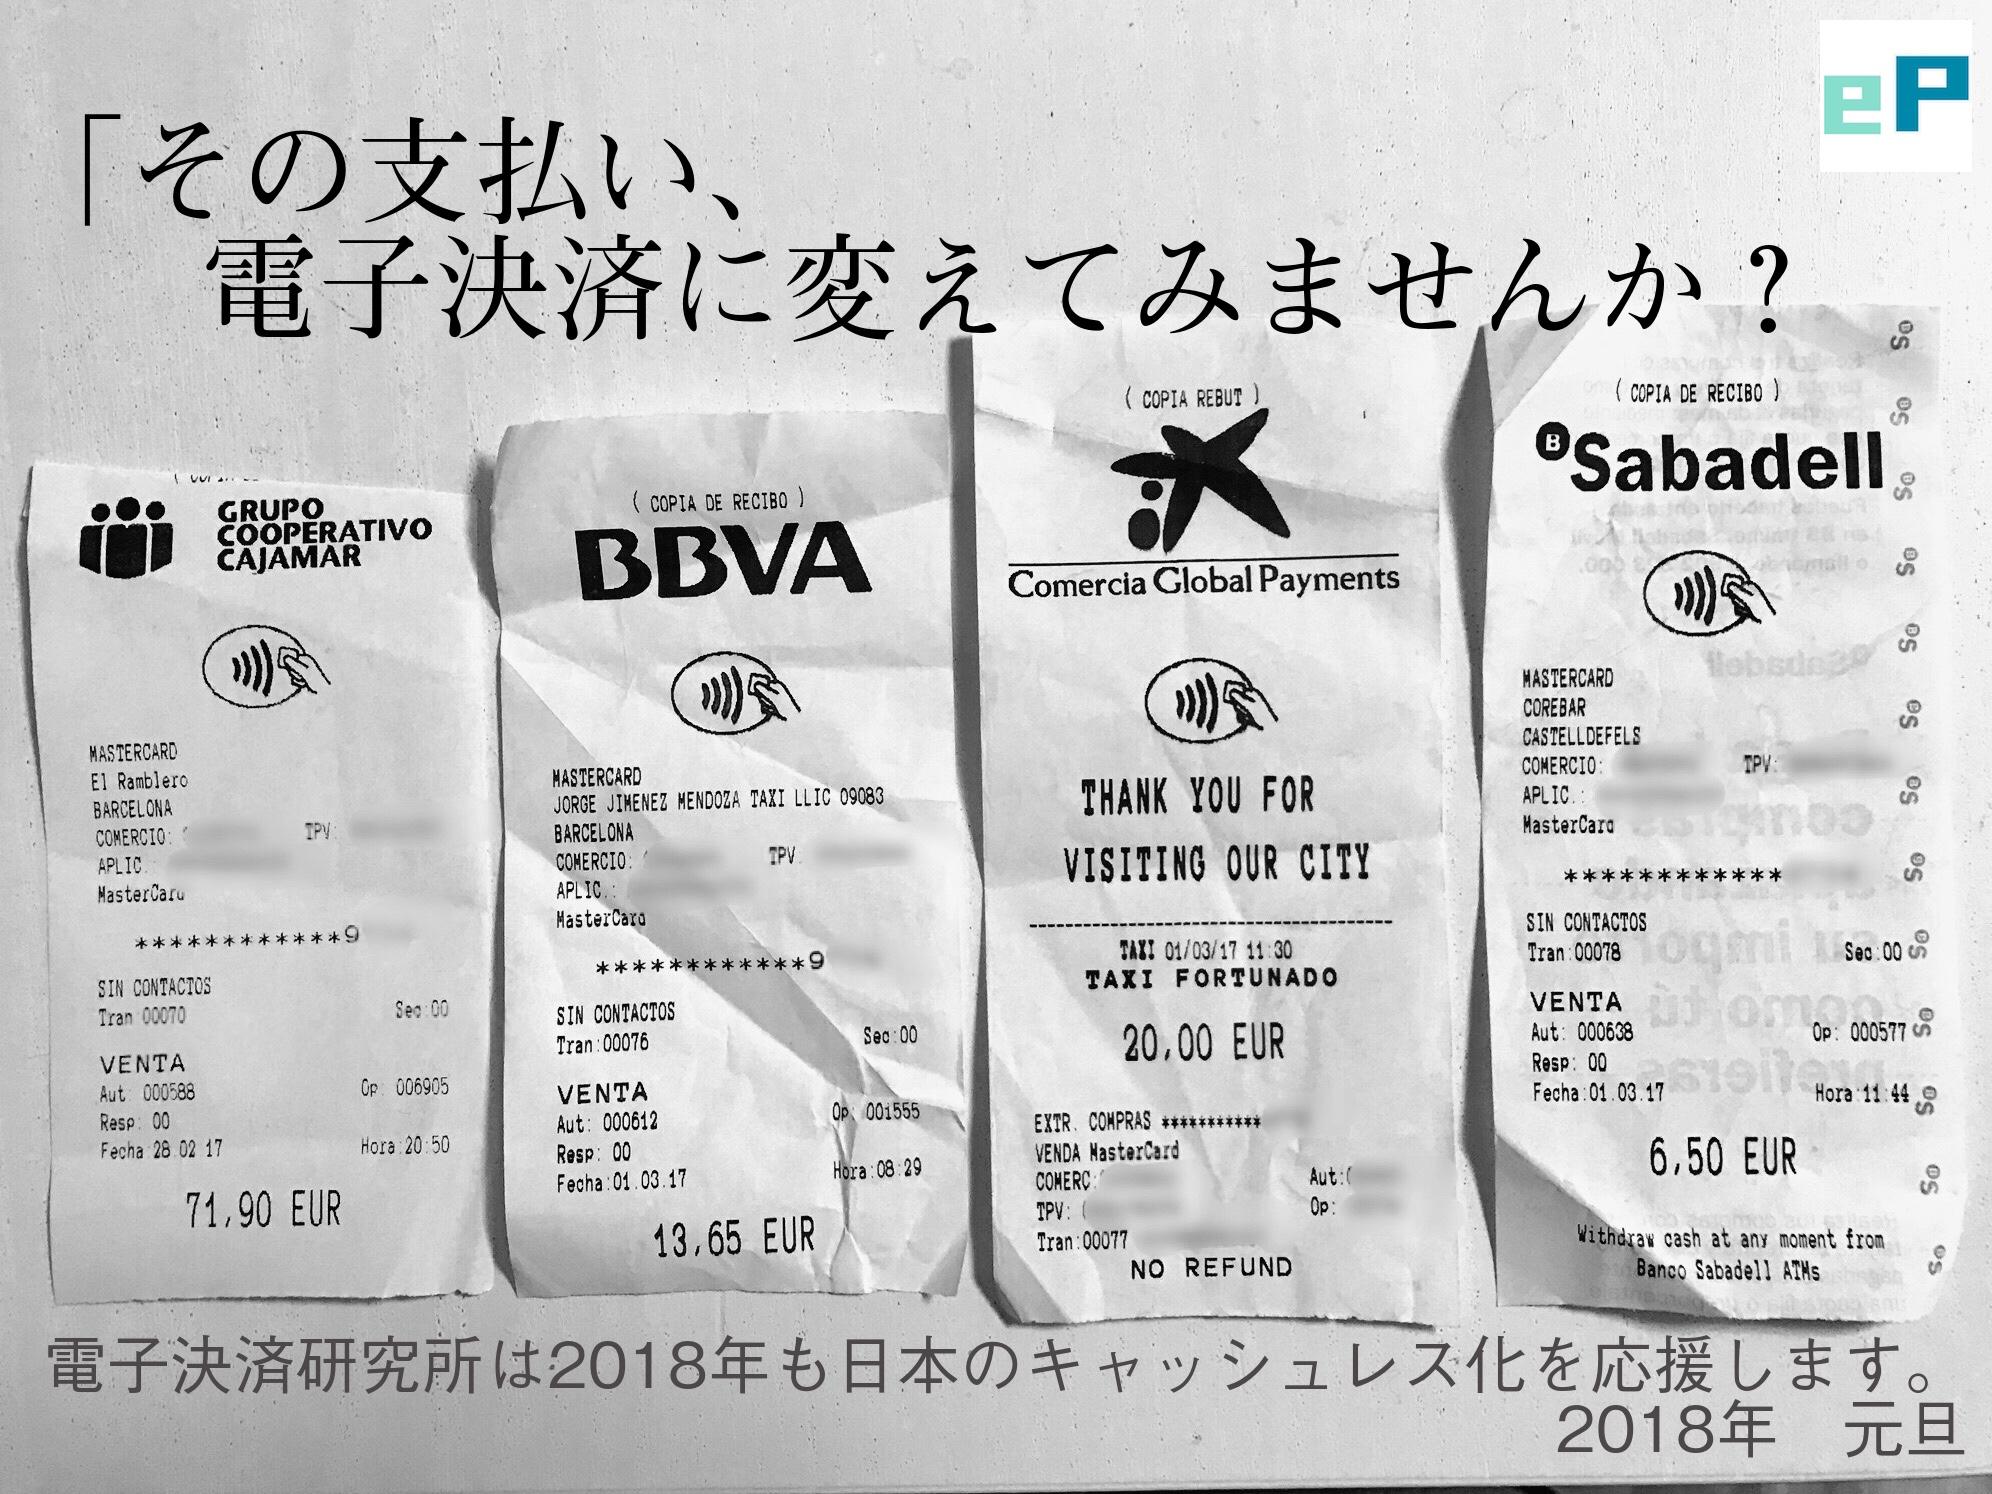 【謹賀新年】電子決済研究所は2018年も日本のキャッシュレス化を応援します。